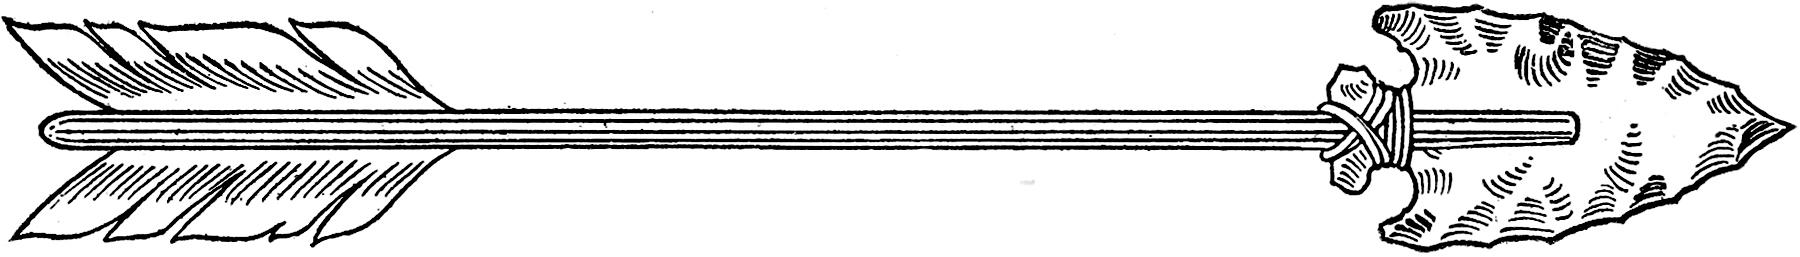 Vintage Rustic Arrow Image